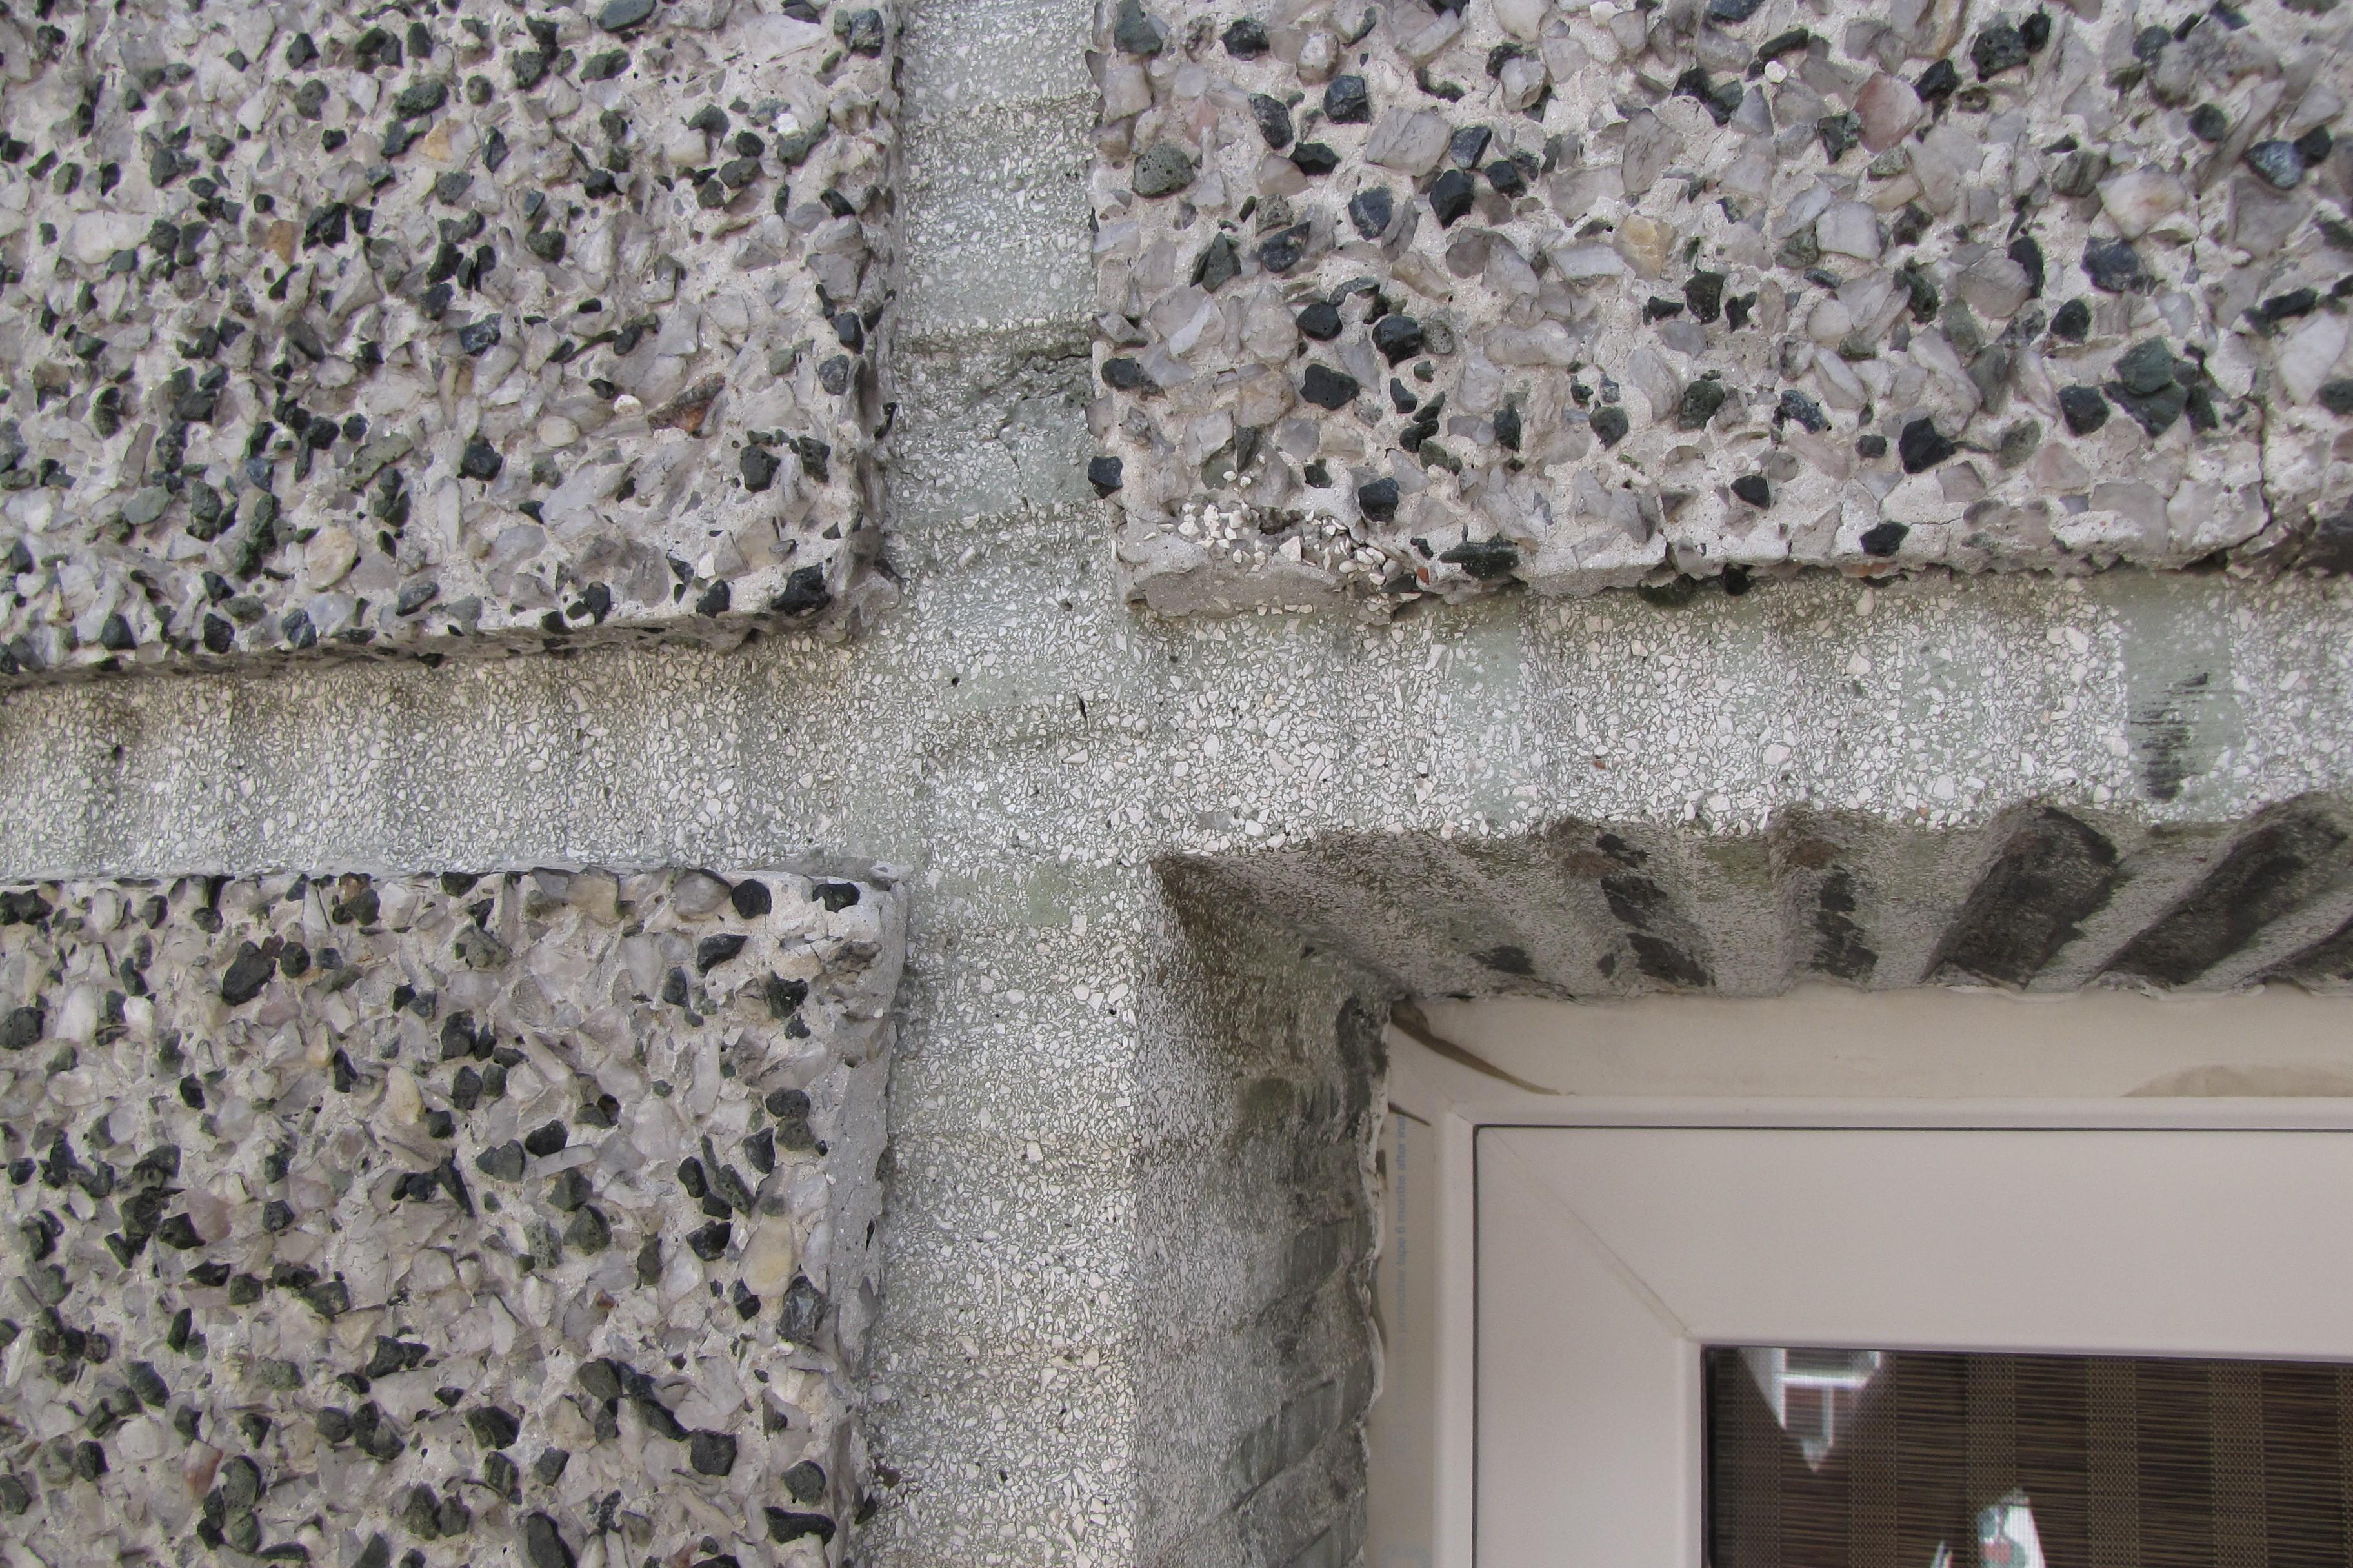 Szczegół tynku z elewacji kamienicy ul. Świętojańskiej 105, z widocznymi grubymi ziarnami, które uwydatniono wypłukując zaprawę z powierzchni